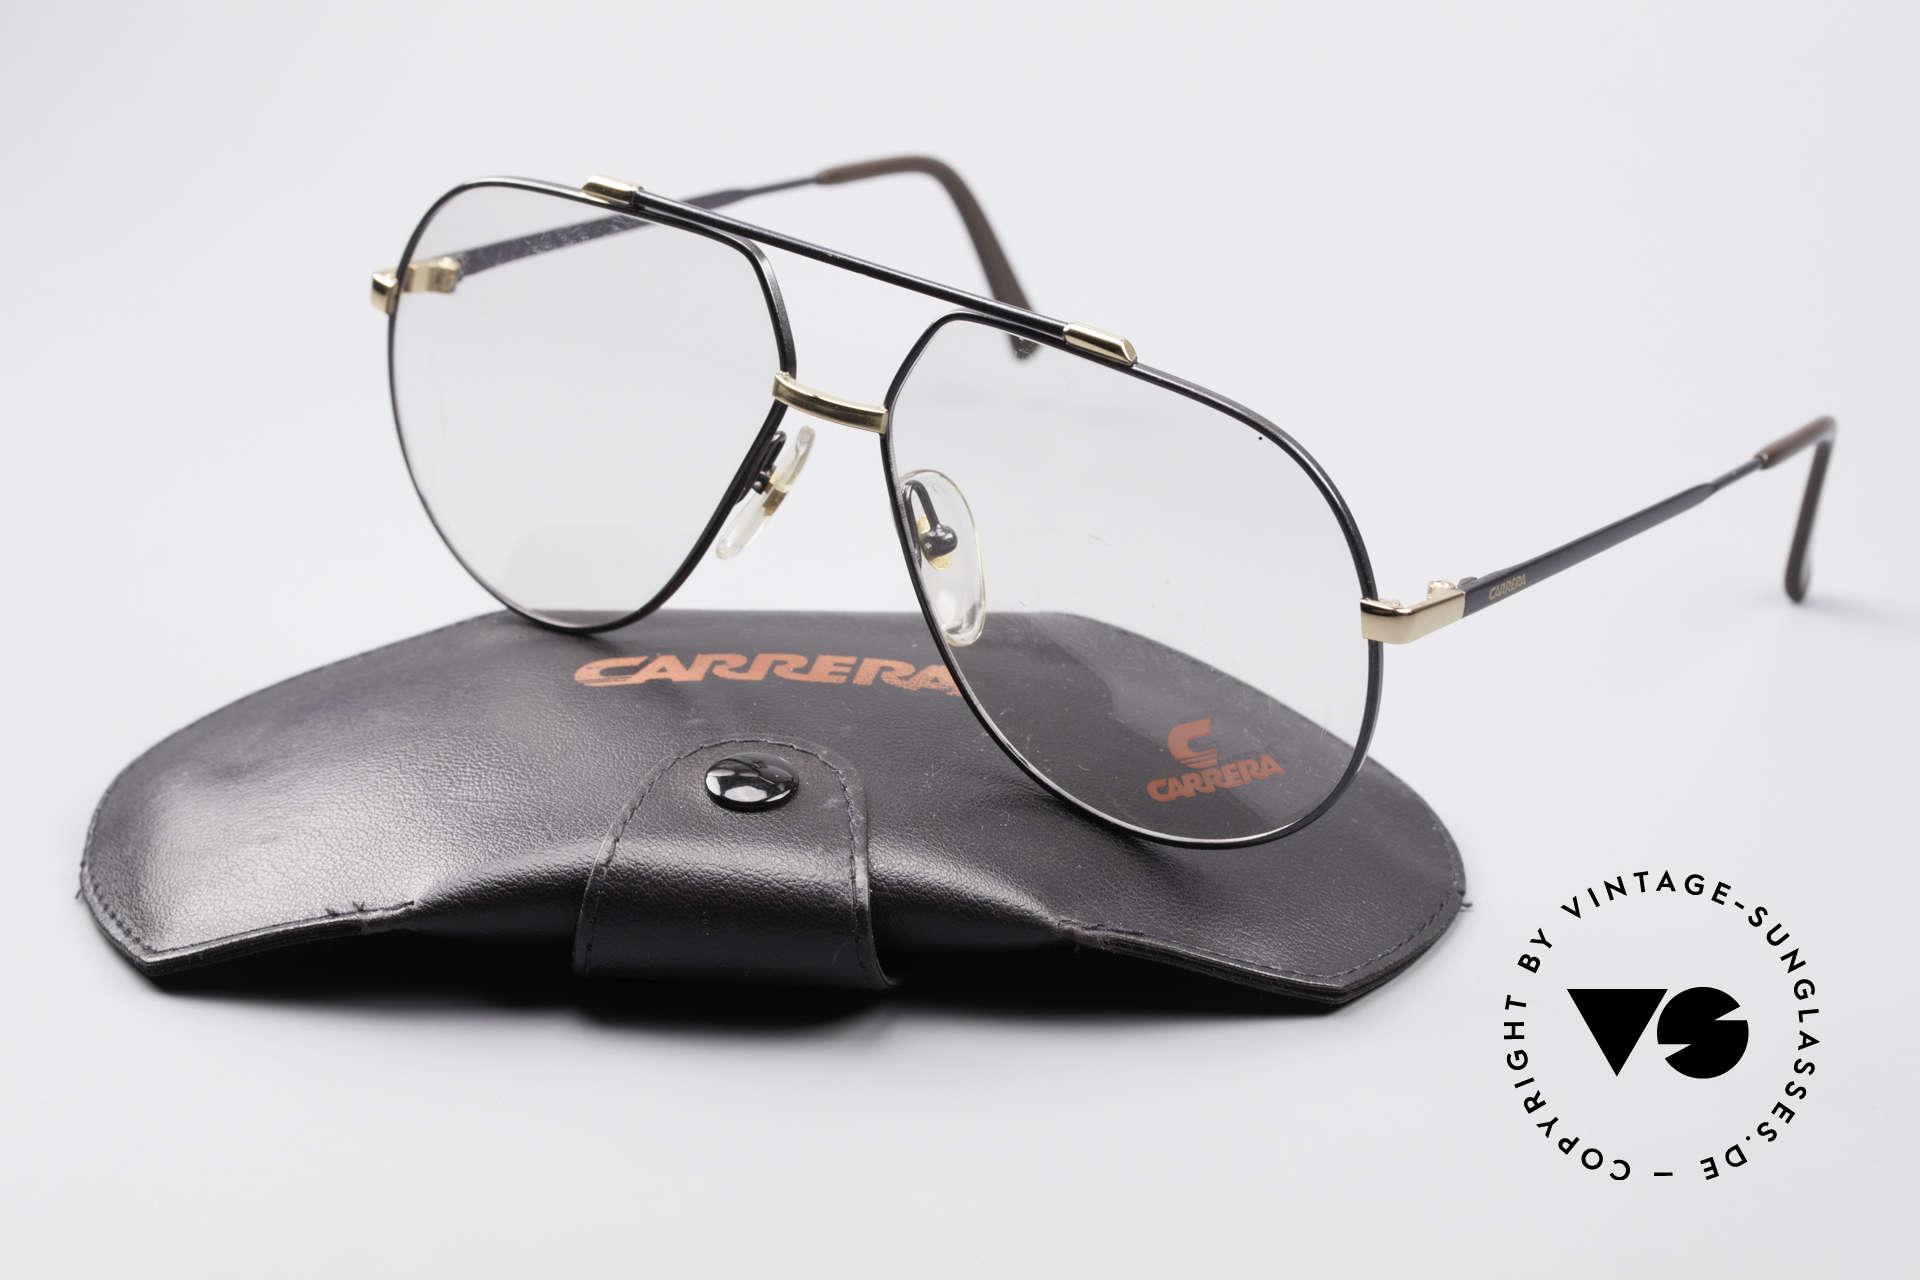 Carrera 5369 Herren Large Vintage Brille, KEINE Retrobrille; sondern ein 1990er ORIGINAL, Passend für Herren